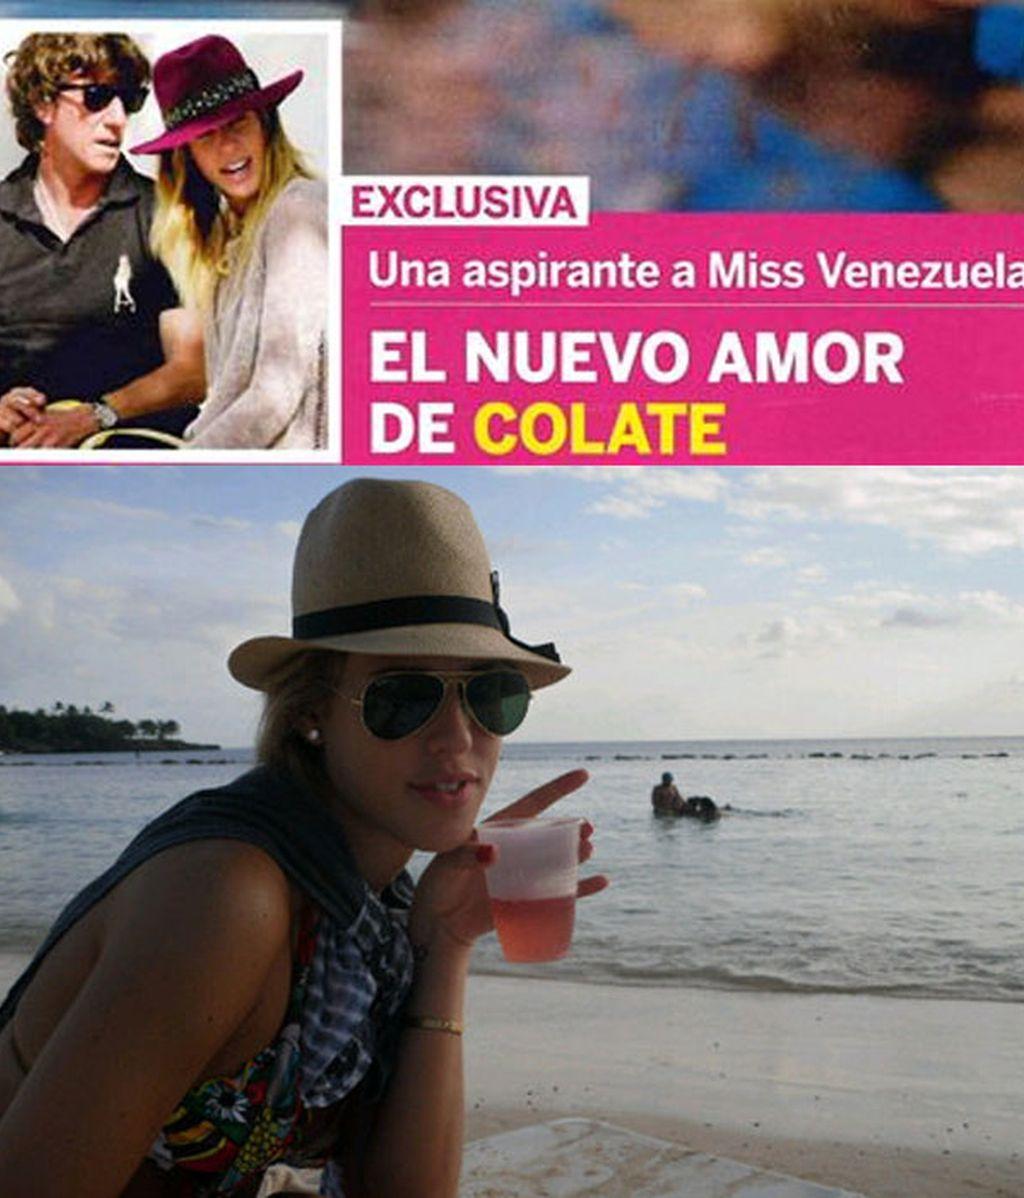 Colate, enamorado de una aspirante a Miss Venezuela, según 'Lecturas'